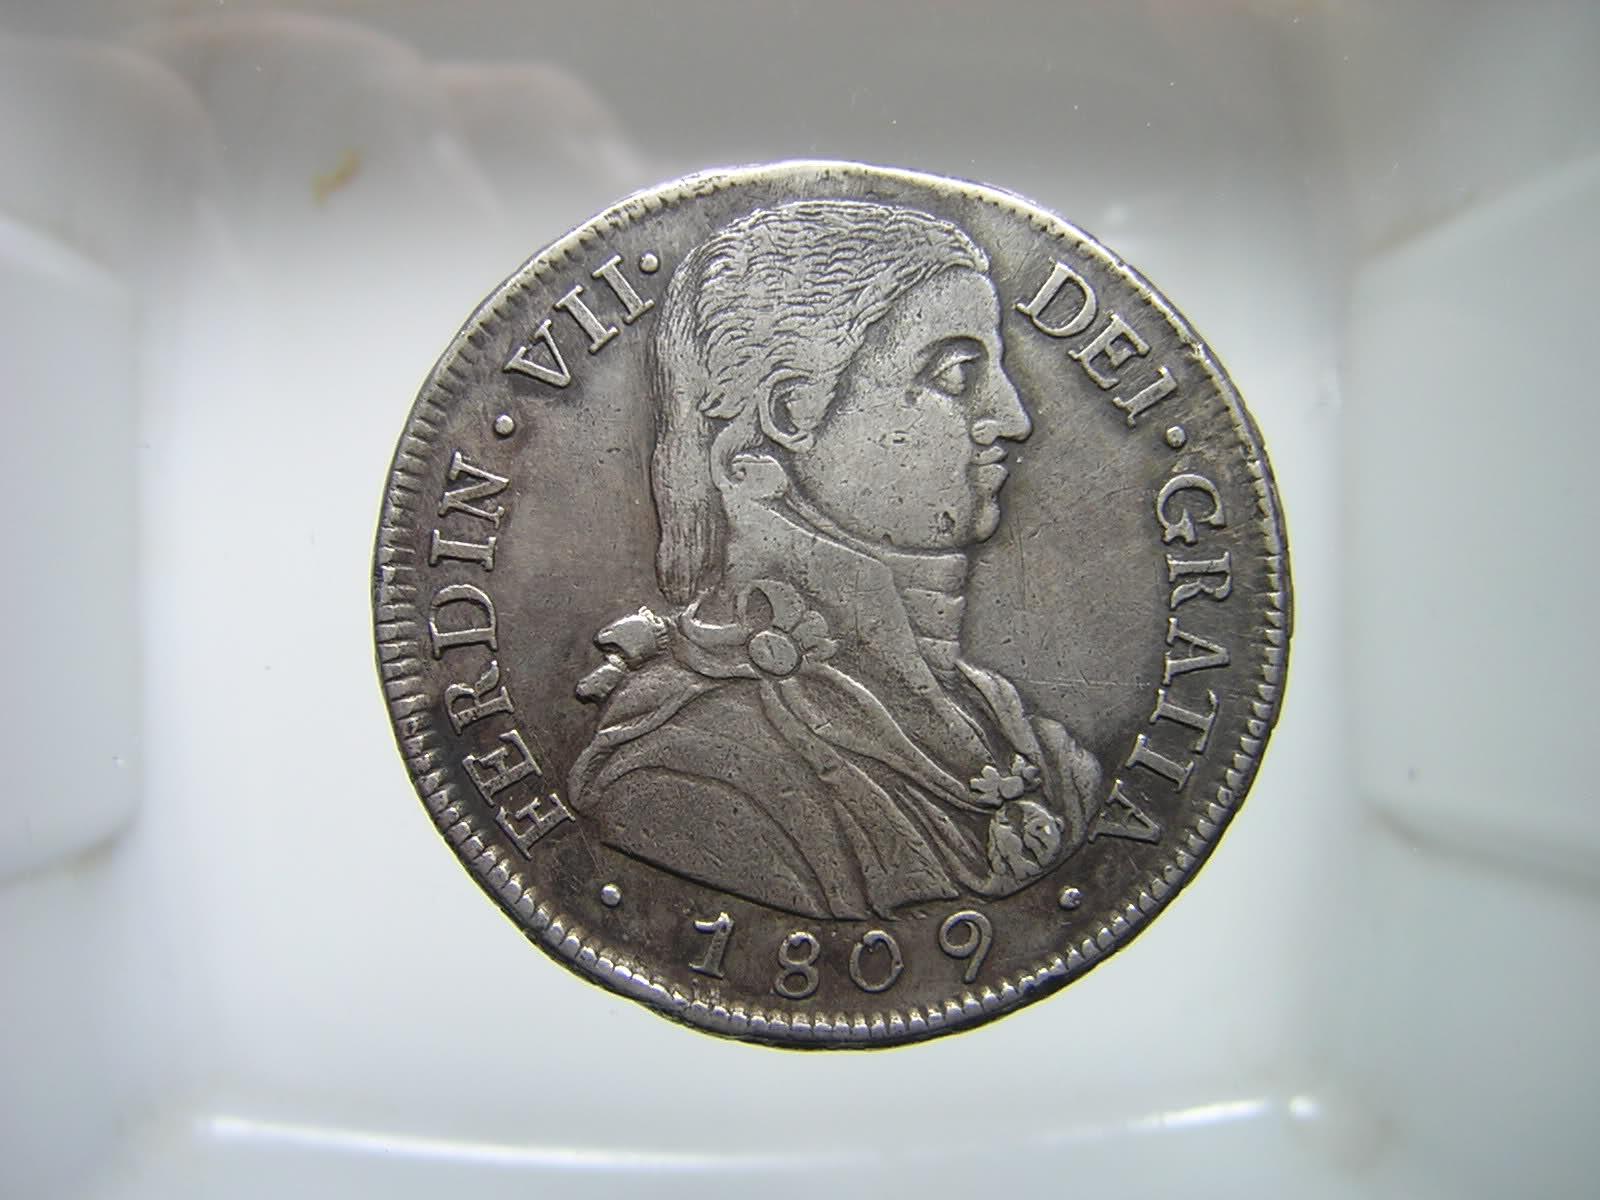 Monedas de Chile - Epoca Colonial e Republicana 1zclbu0